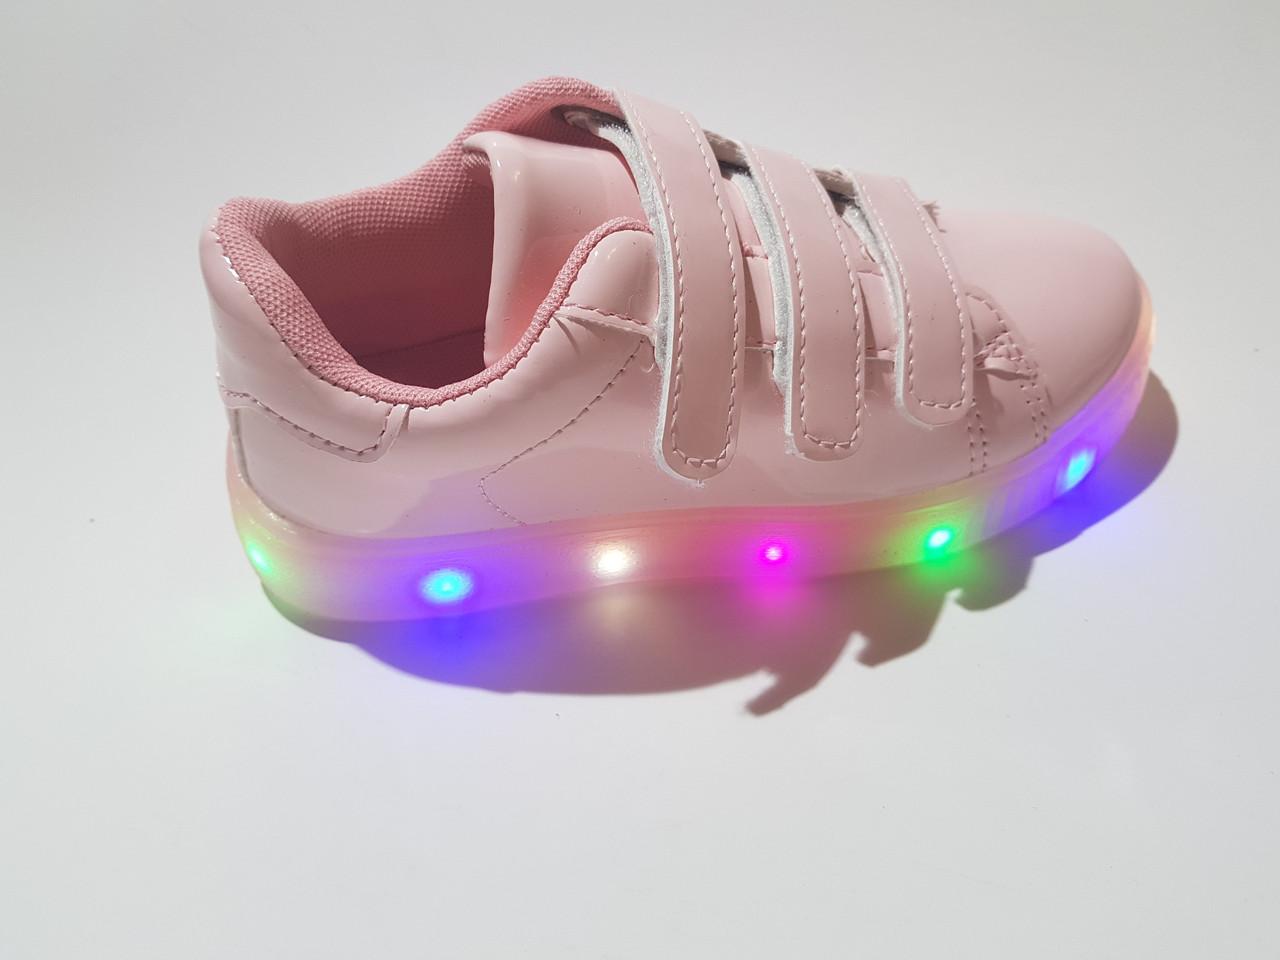 ebd38104 Лаковые кроссовки с подсветкой на девочку 31 - 36 размеры - KINDERTORG в  Днепре